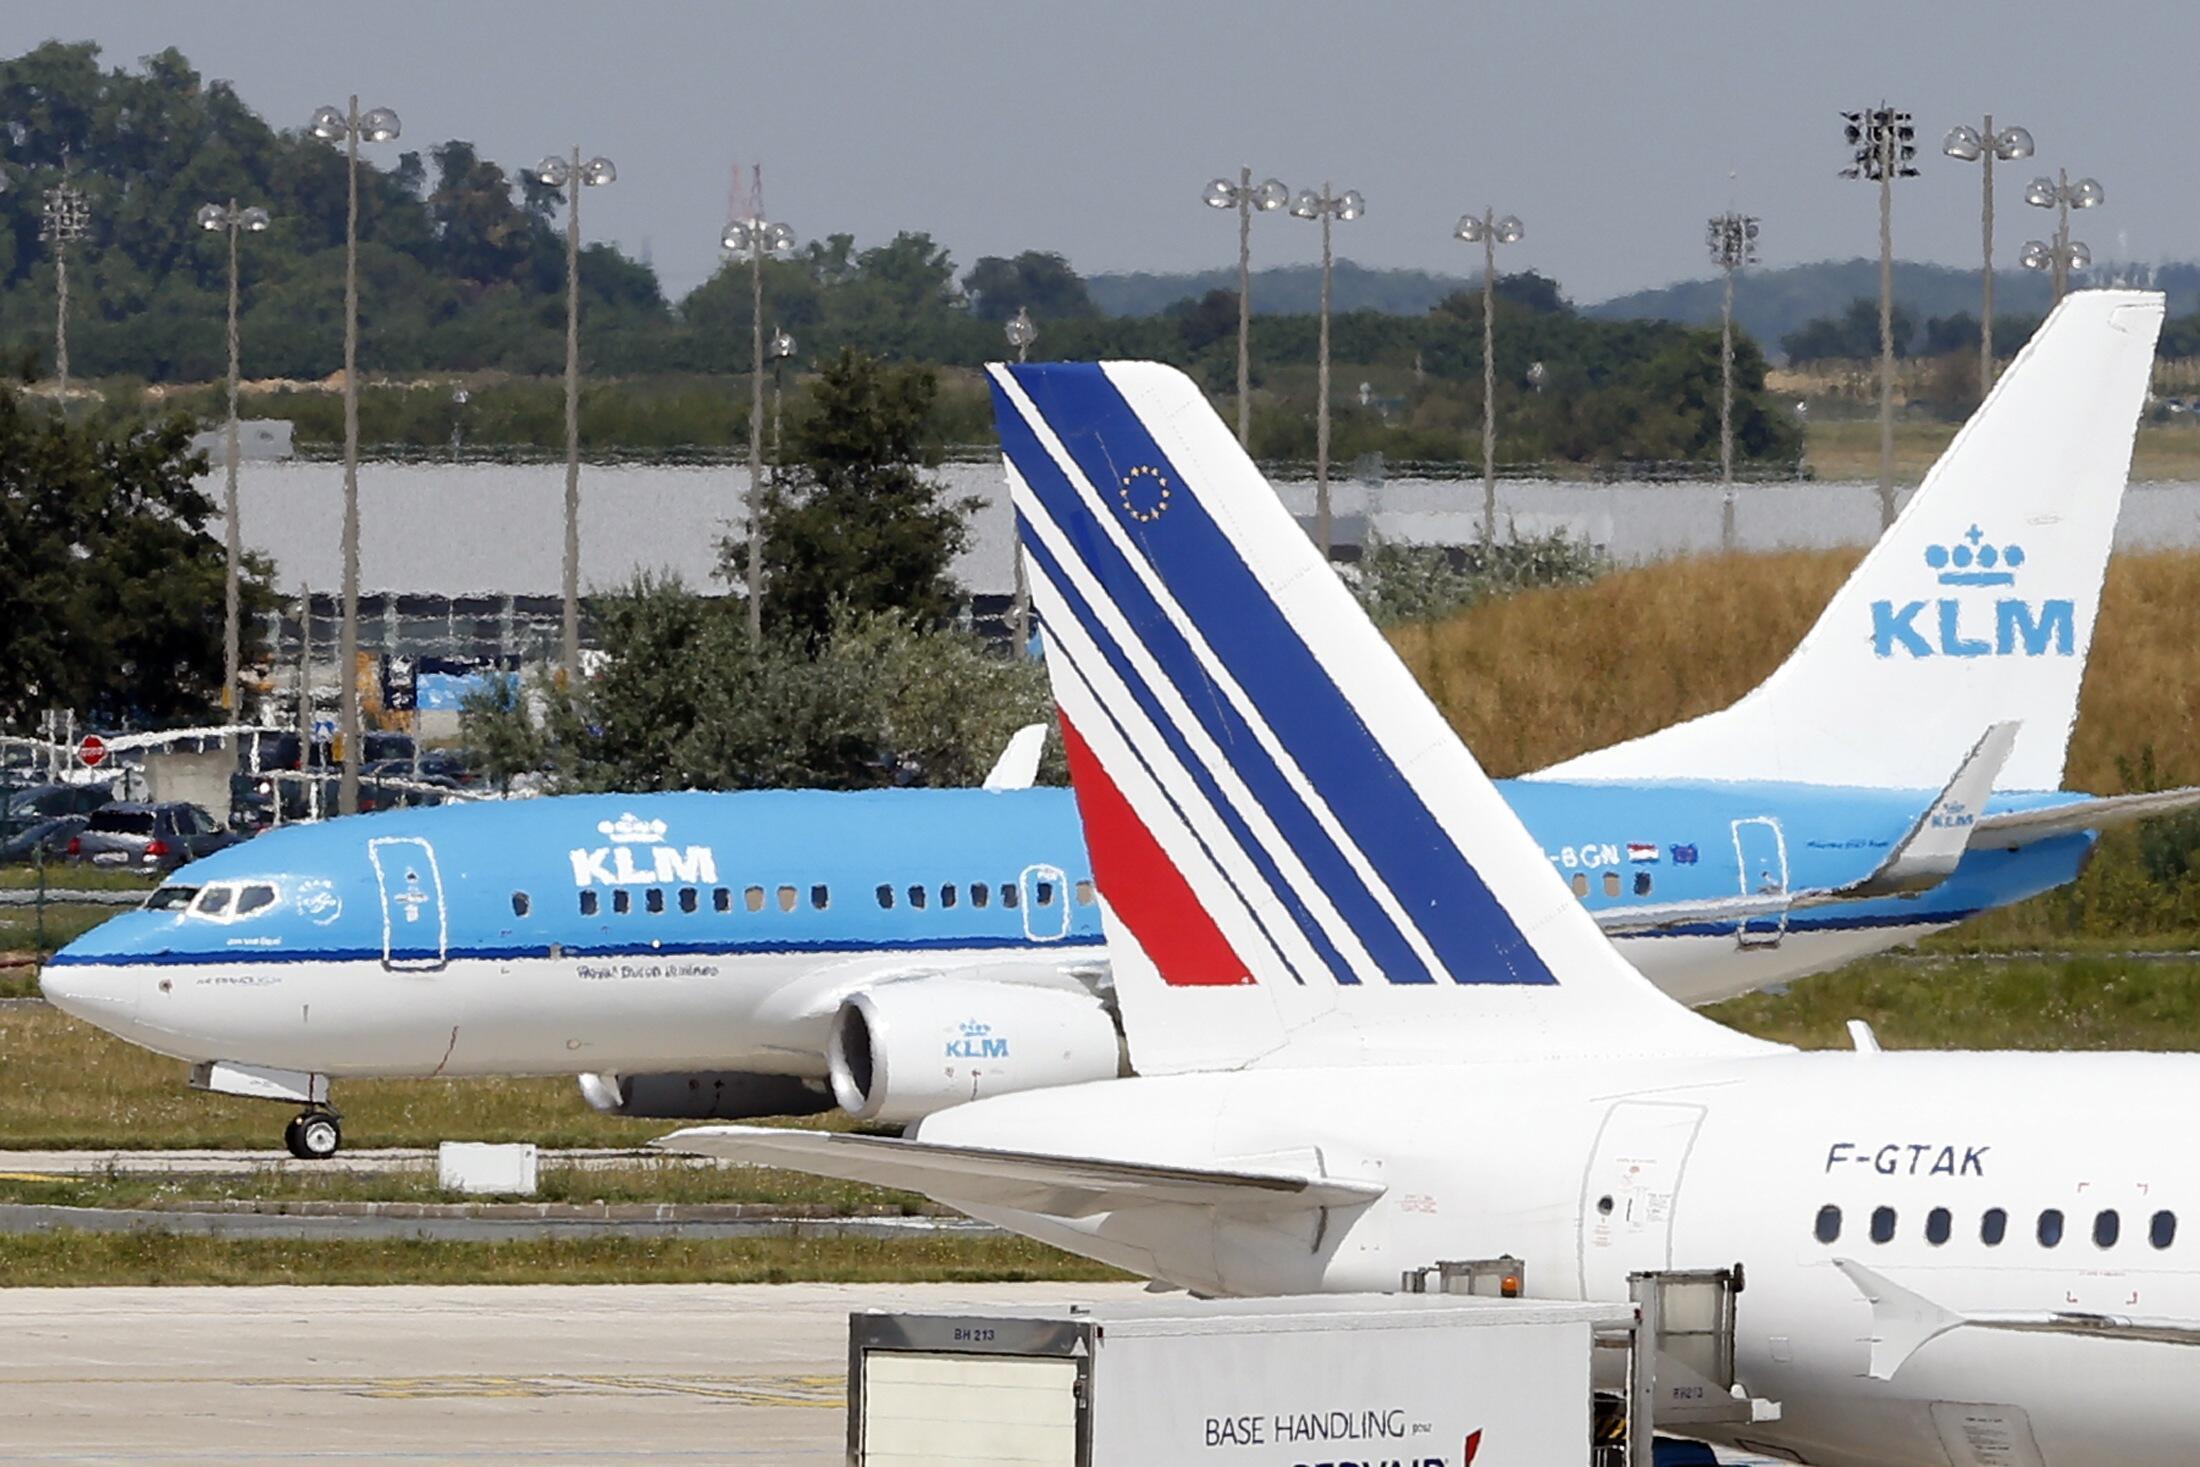 В нынешнем году альянс AIR FRANCE-KLM потерял большую часть прибыли из-за протестов французских работников